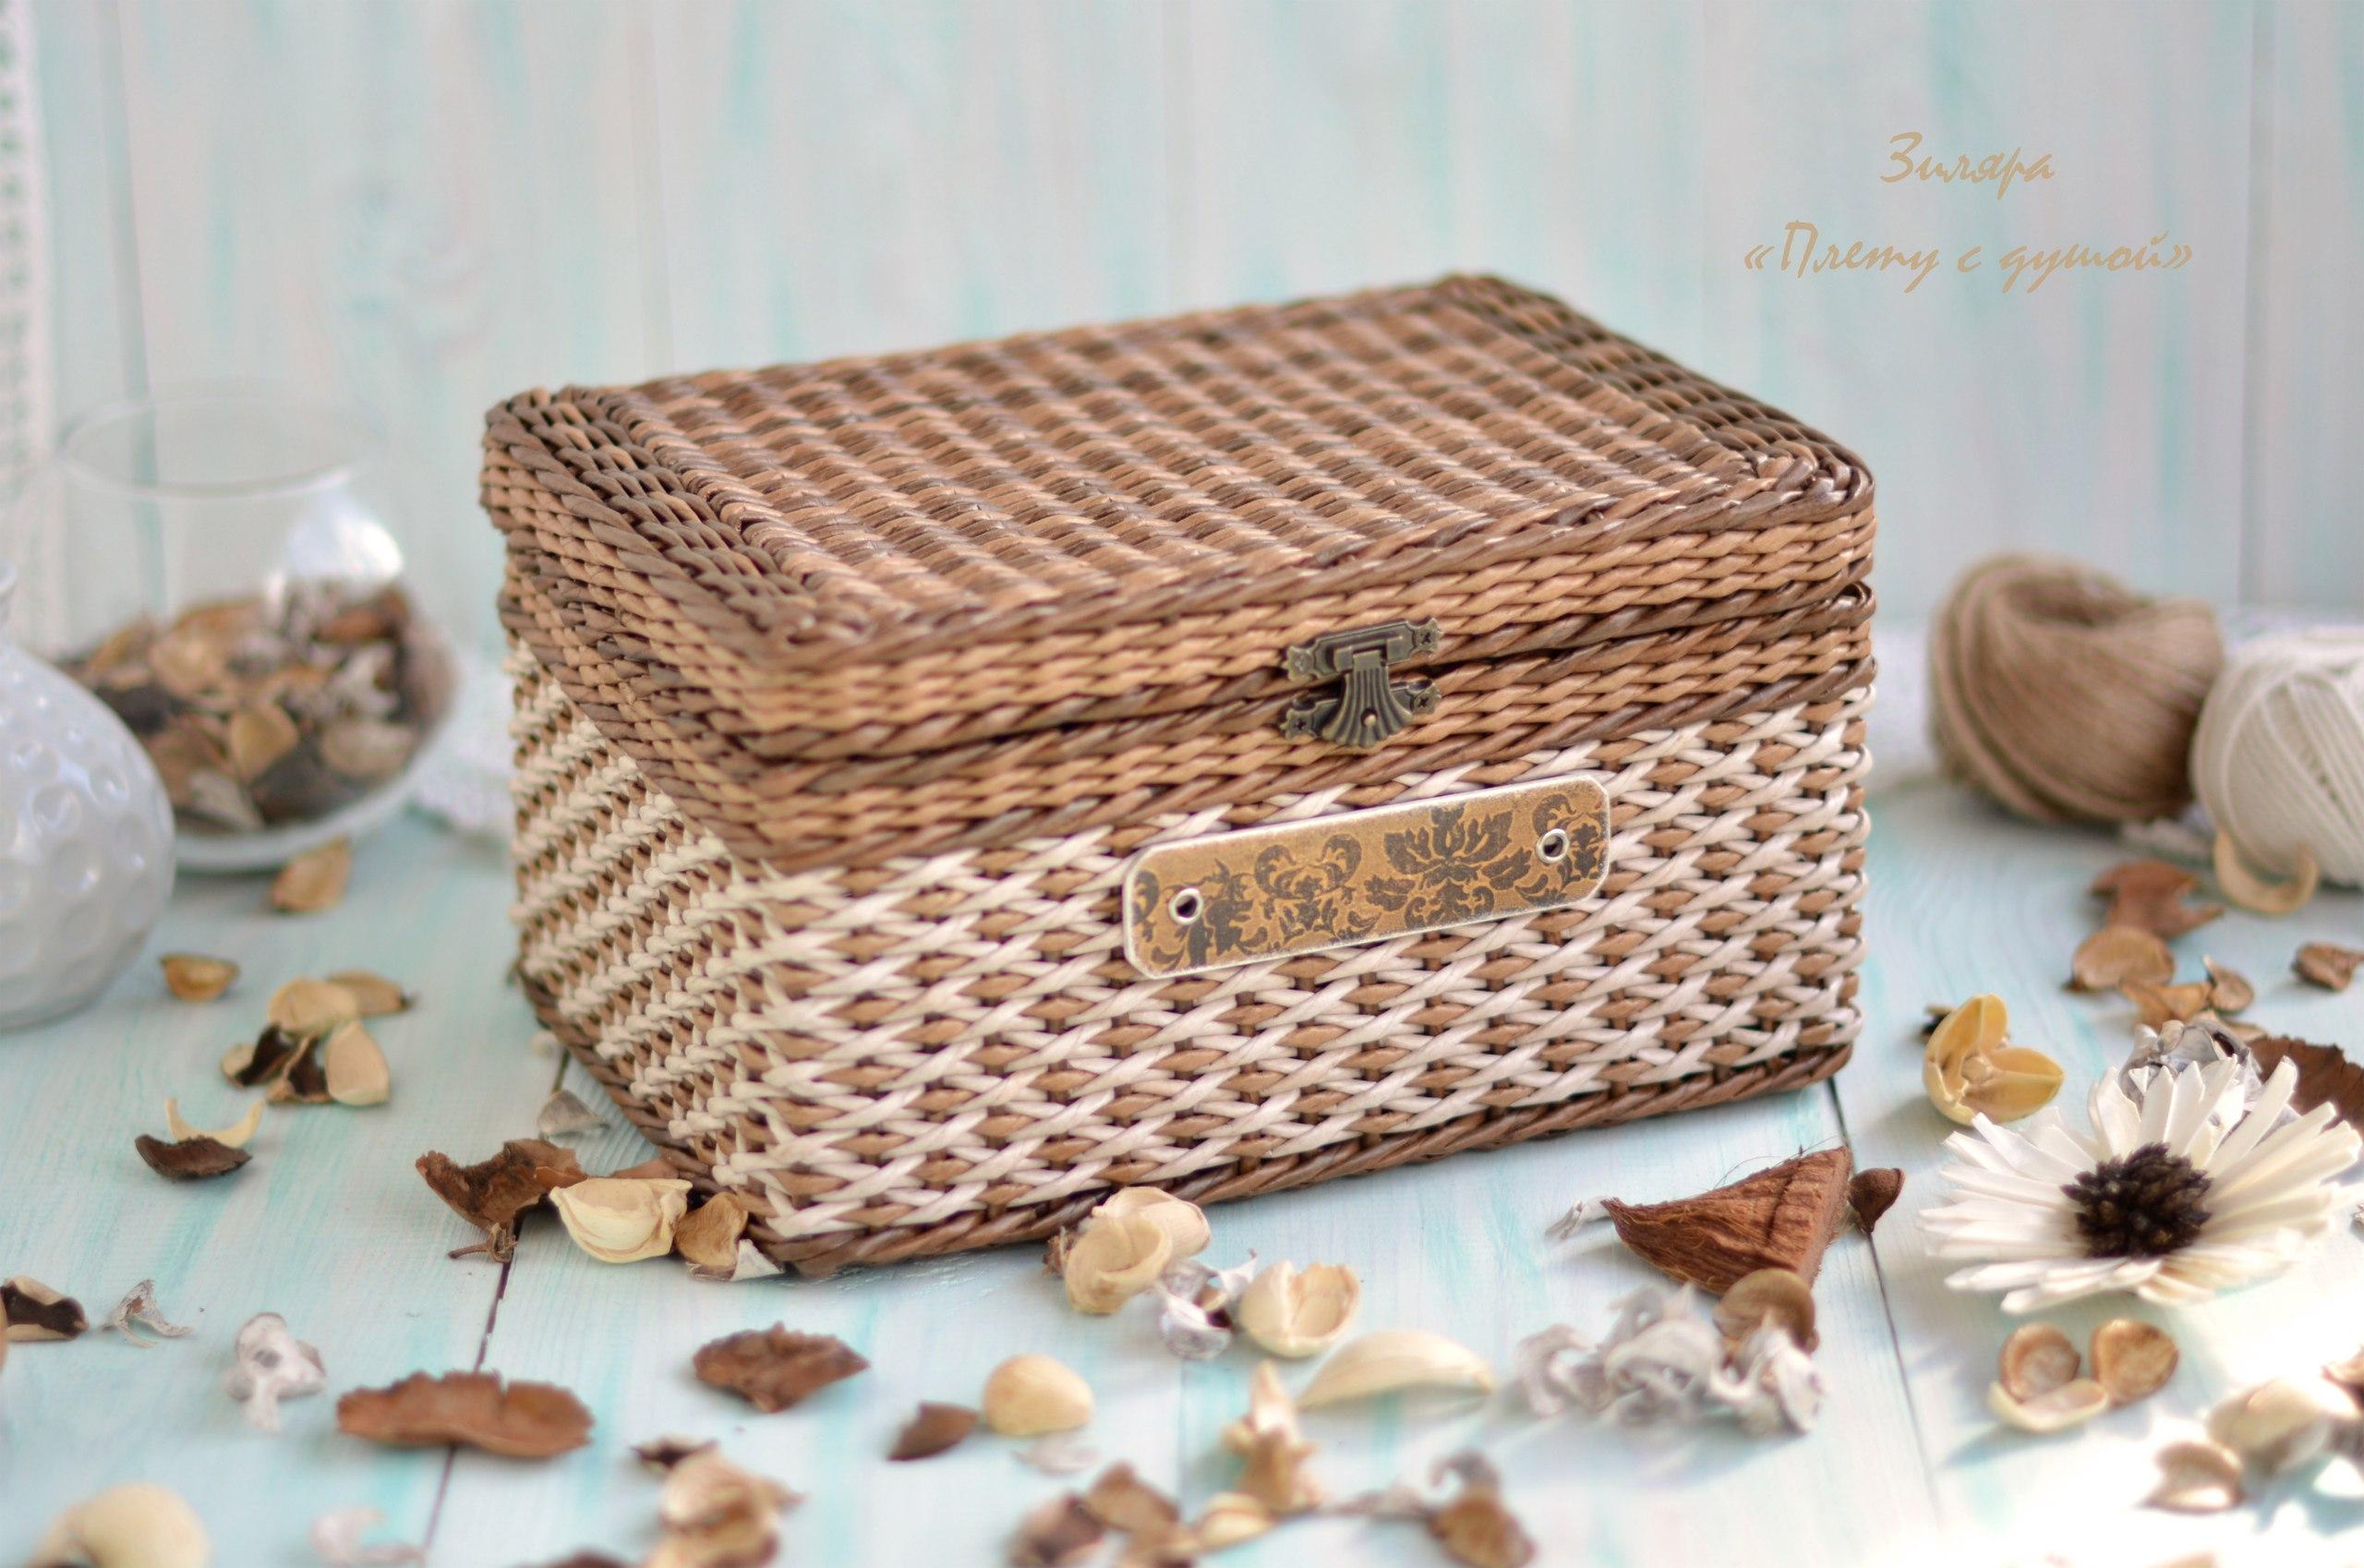 ветеранам геодезии плетеные коробочки картинки капсюли можно найти